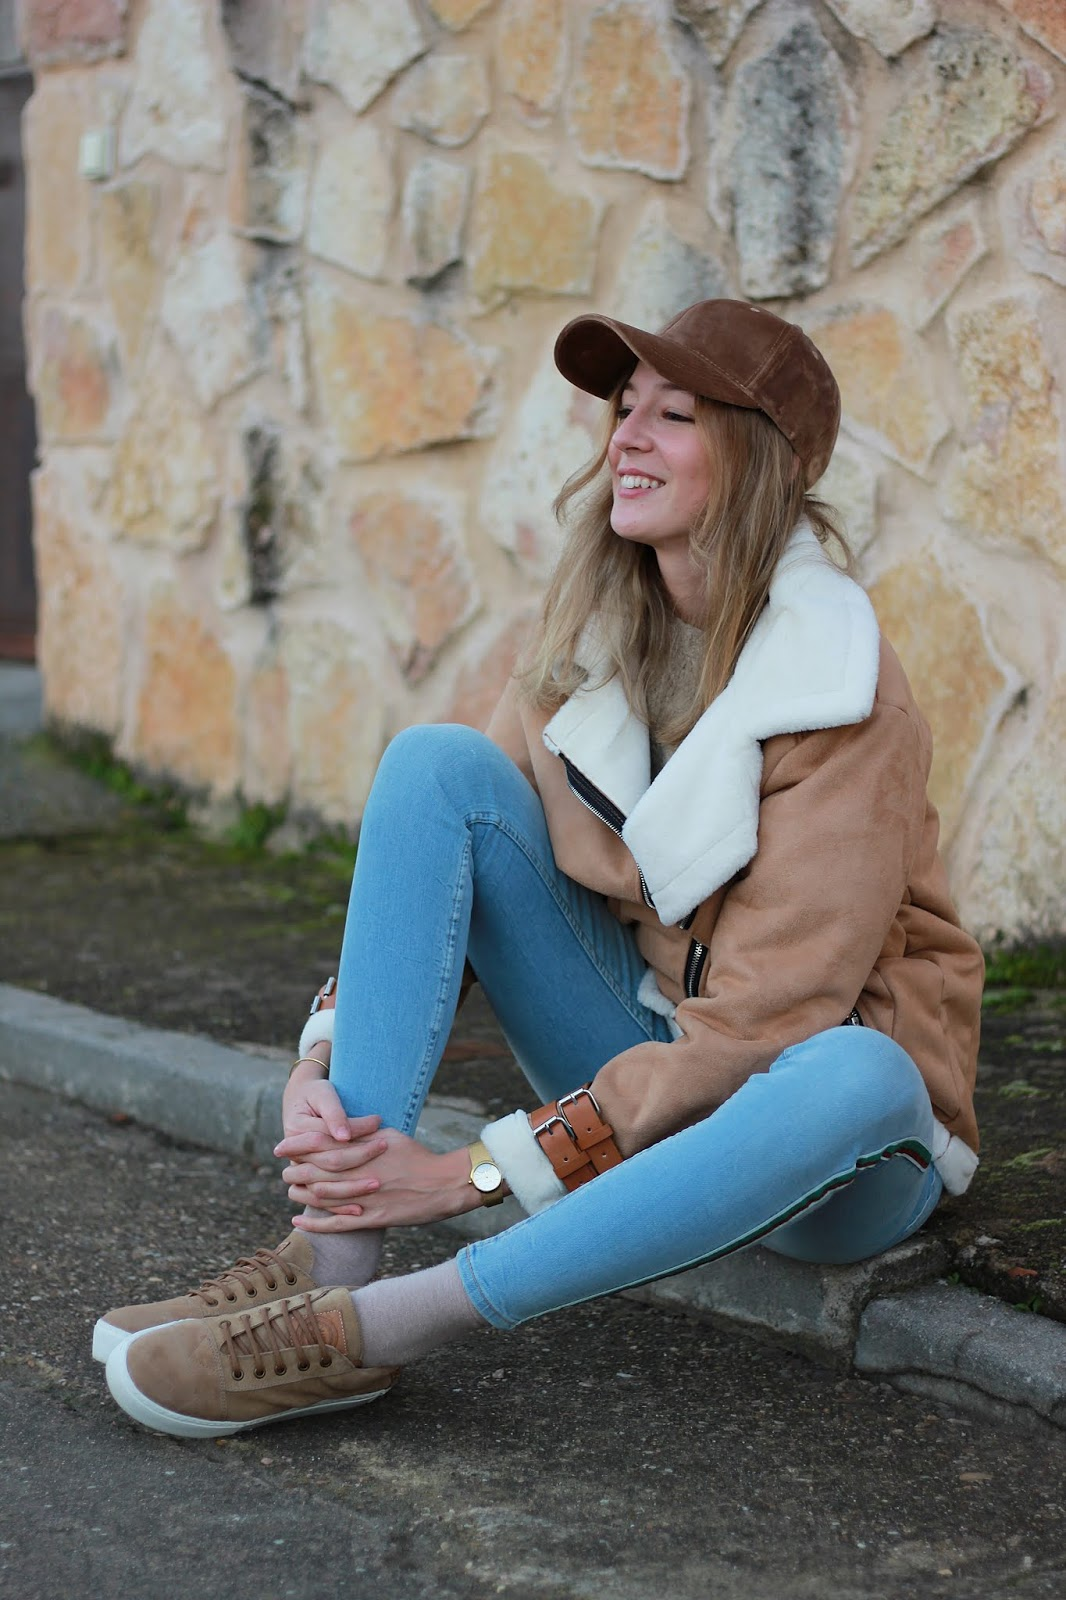 shaper-sneakers-track-pants-cazadora-borreguito